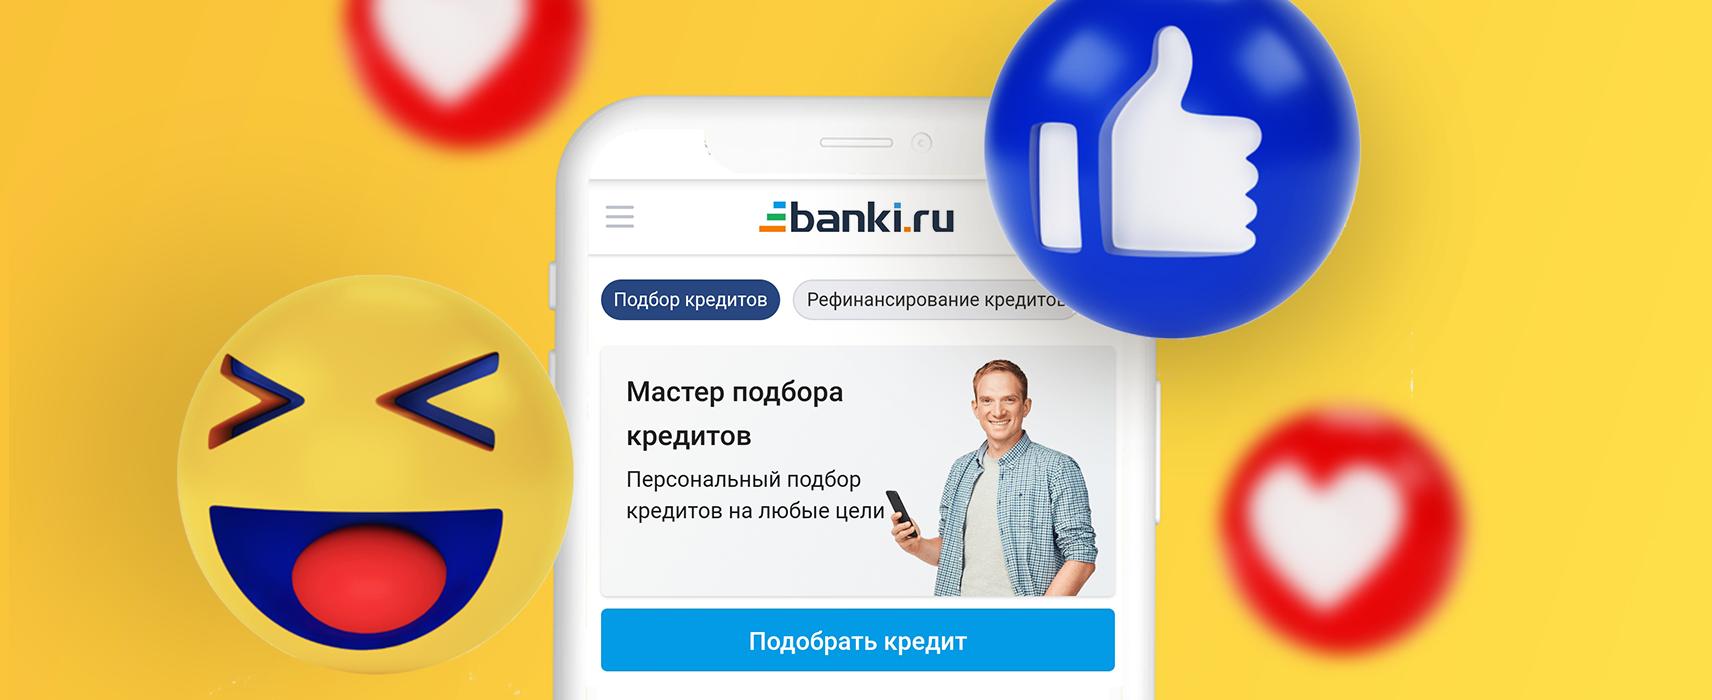 Дайджест Банки.ру: хорошие новости этой недели